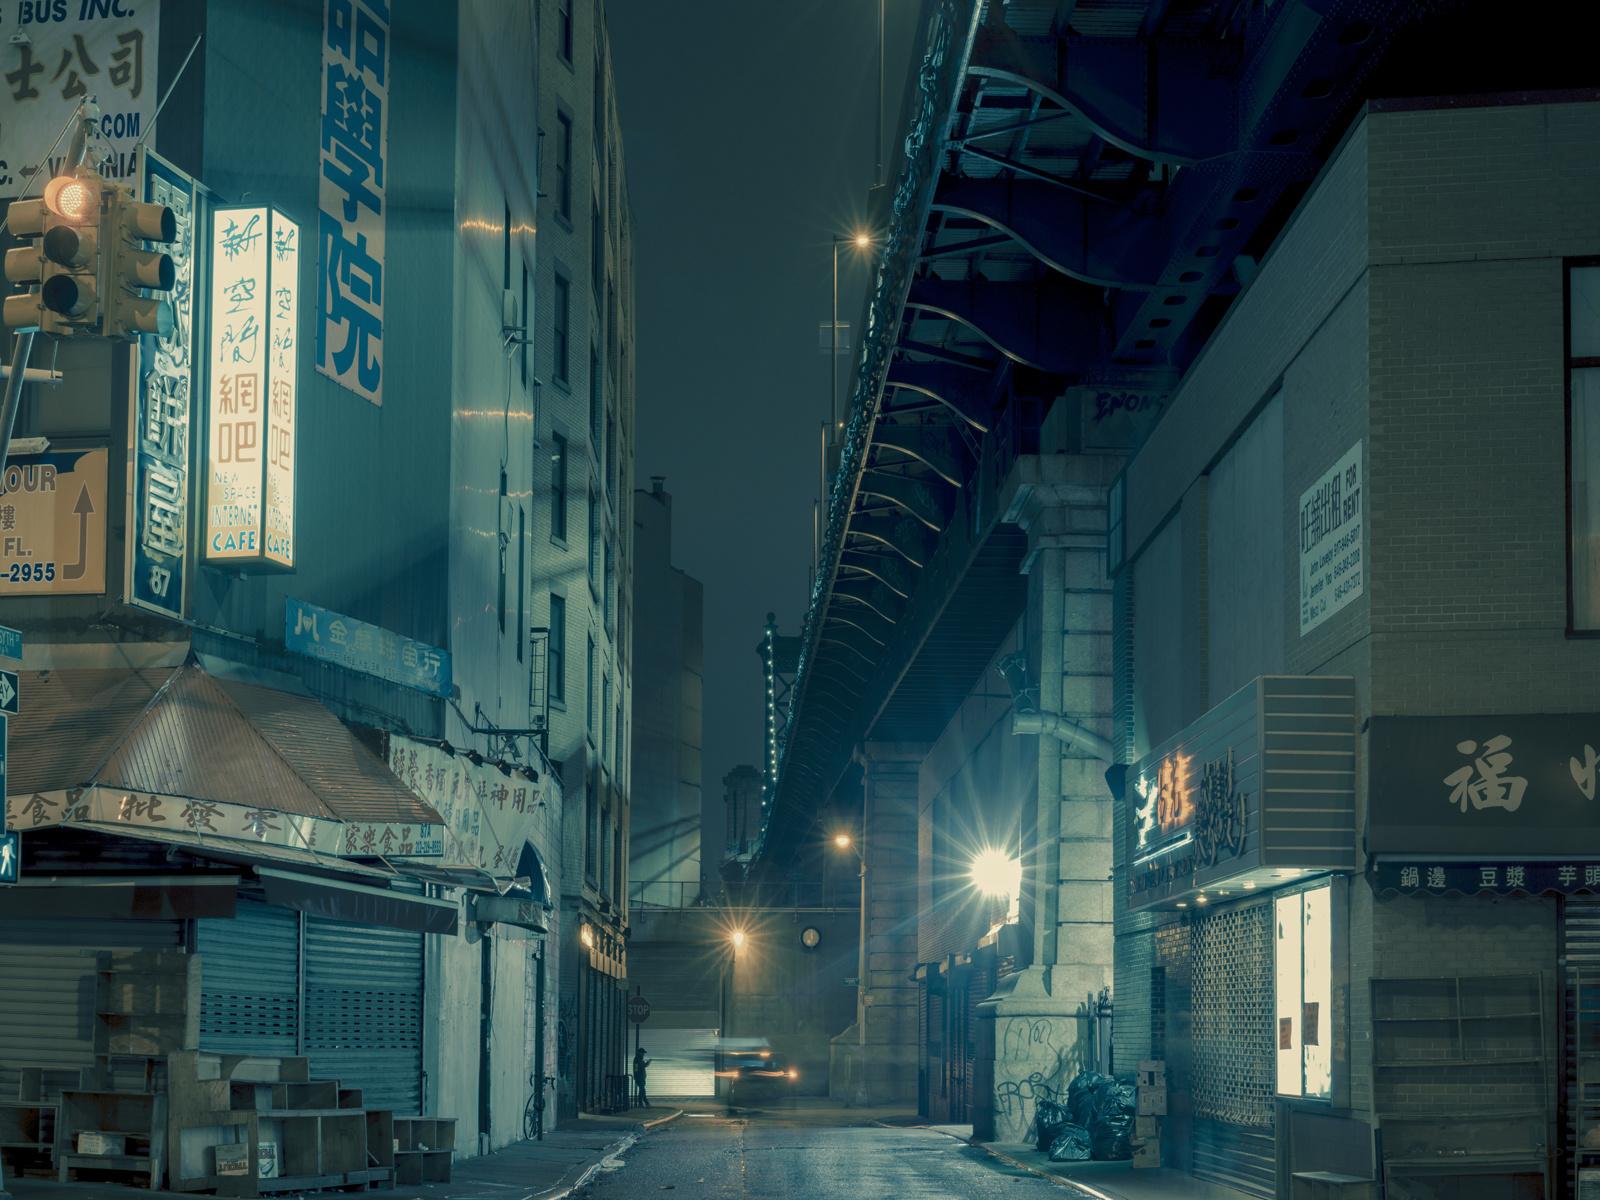 chinatown-franck-bohbot-04